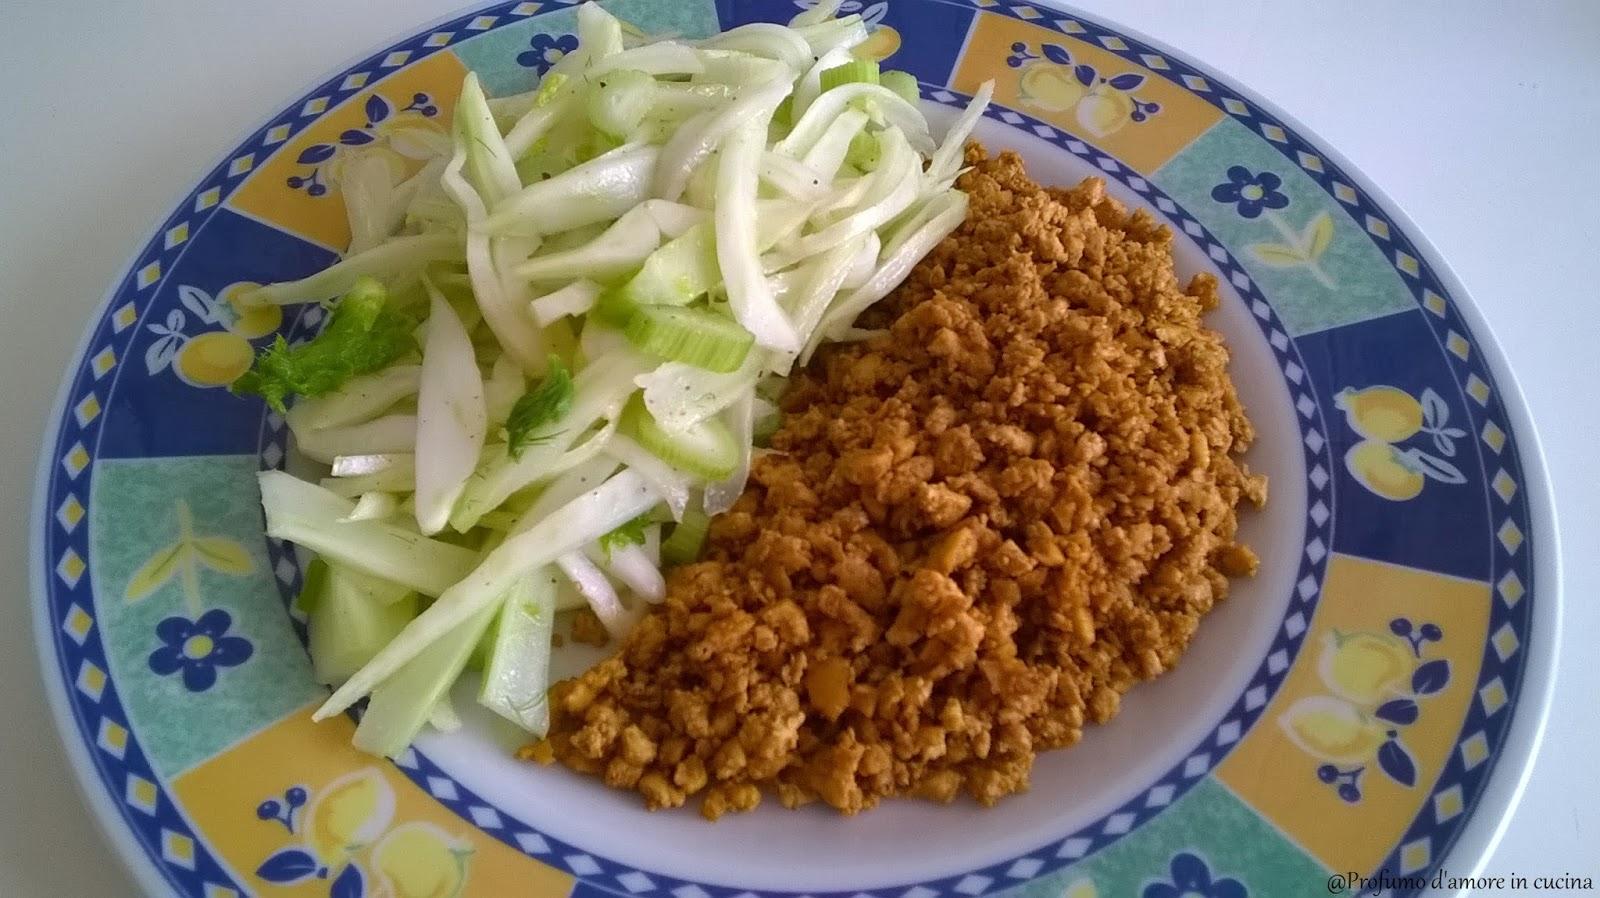 Profumo d 39 amore in cucina tofu strapazzato in salsa di soia for Lecitina di soia in cucina